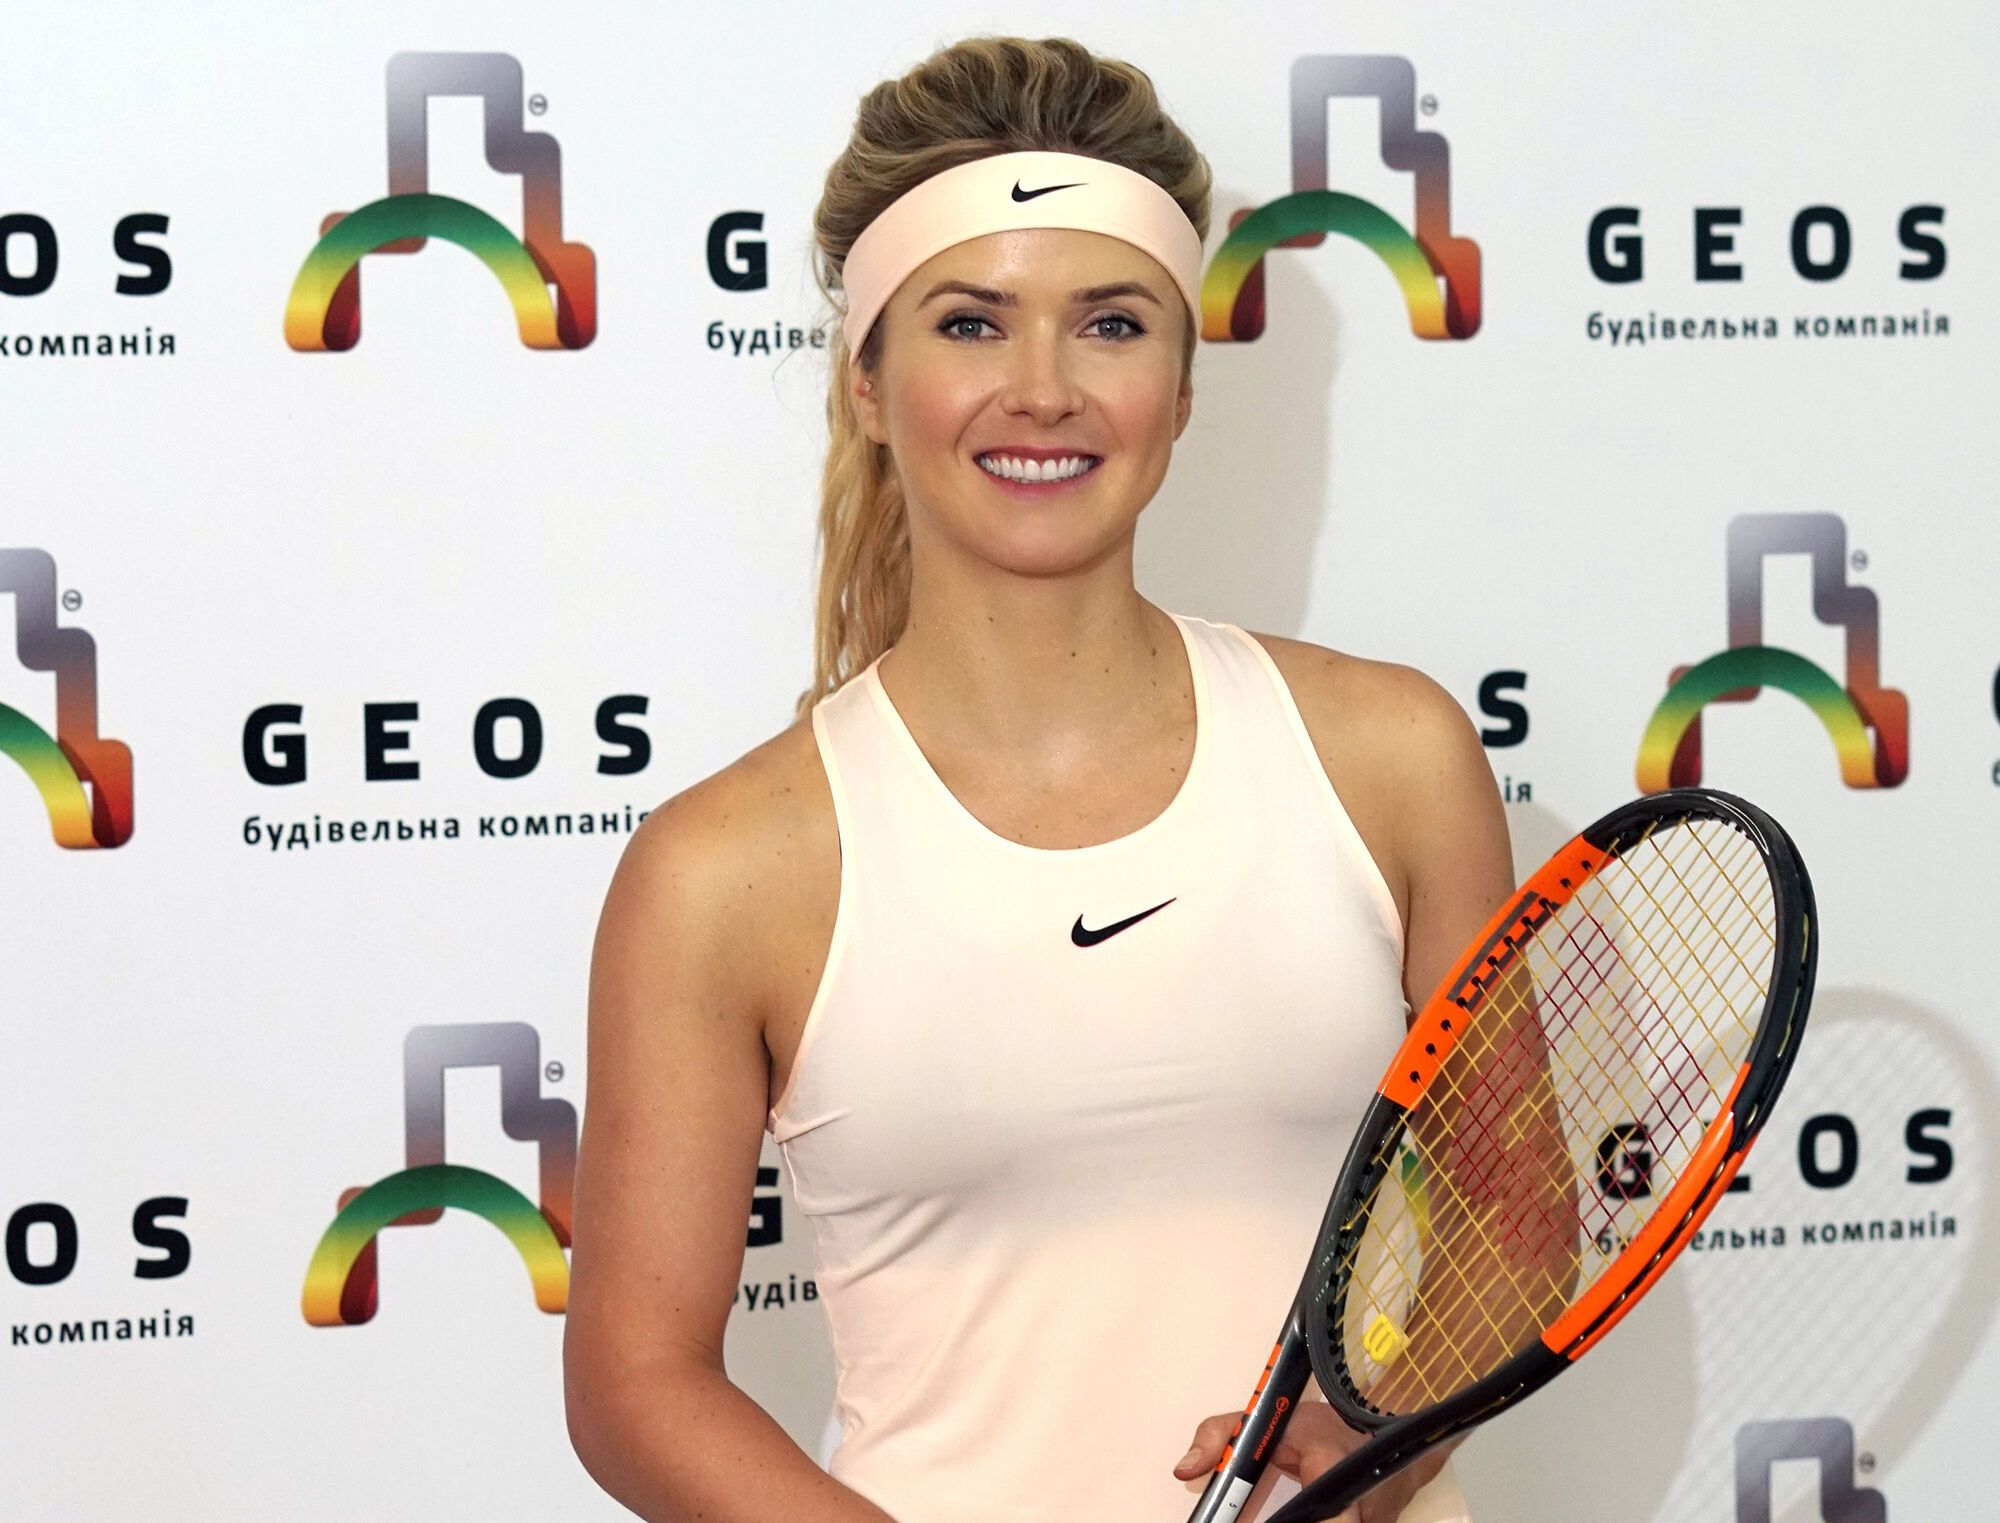 Відома на весь світ тенісистка стала обличчям рекламної кампанії БК Geos